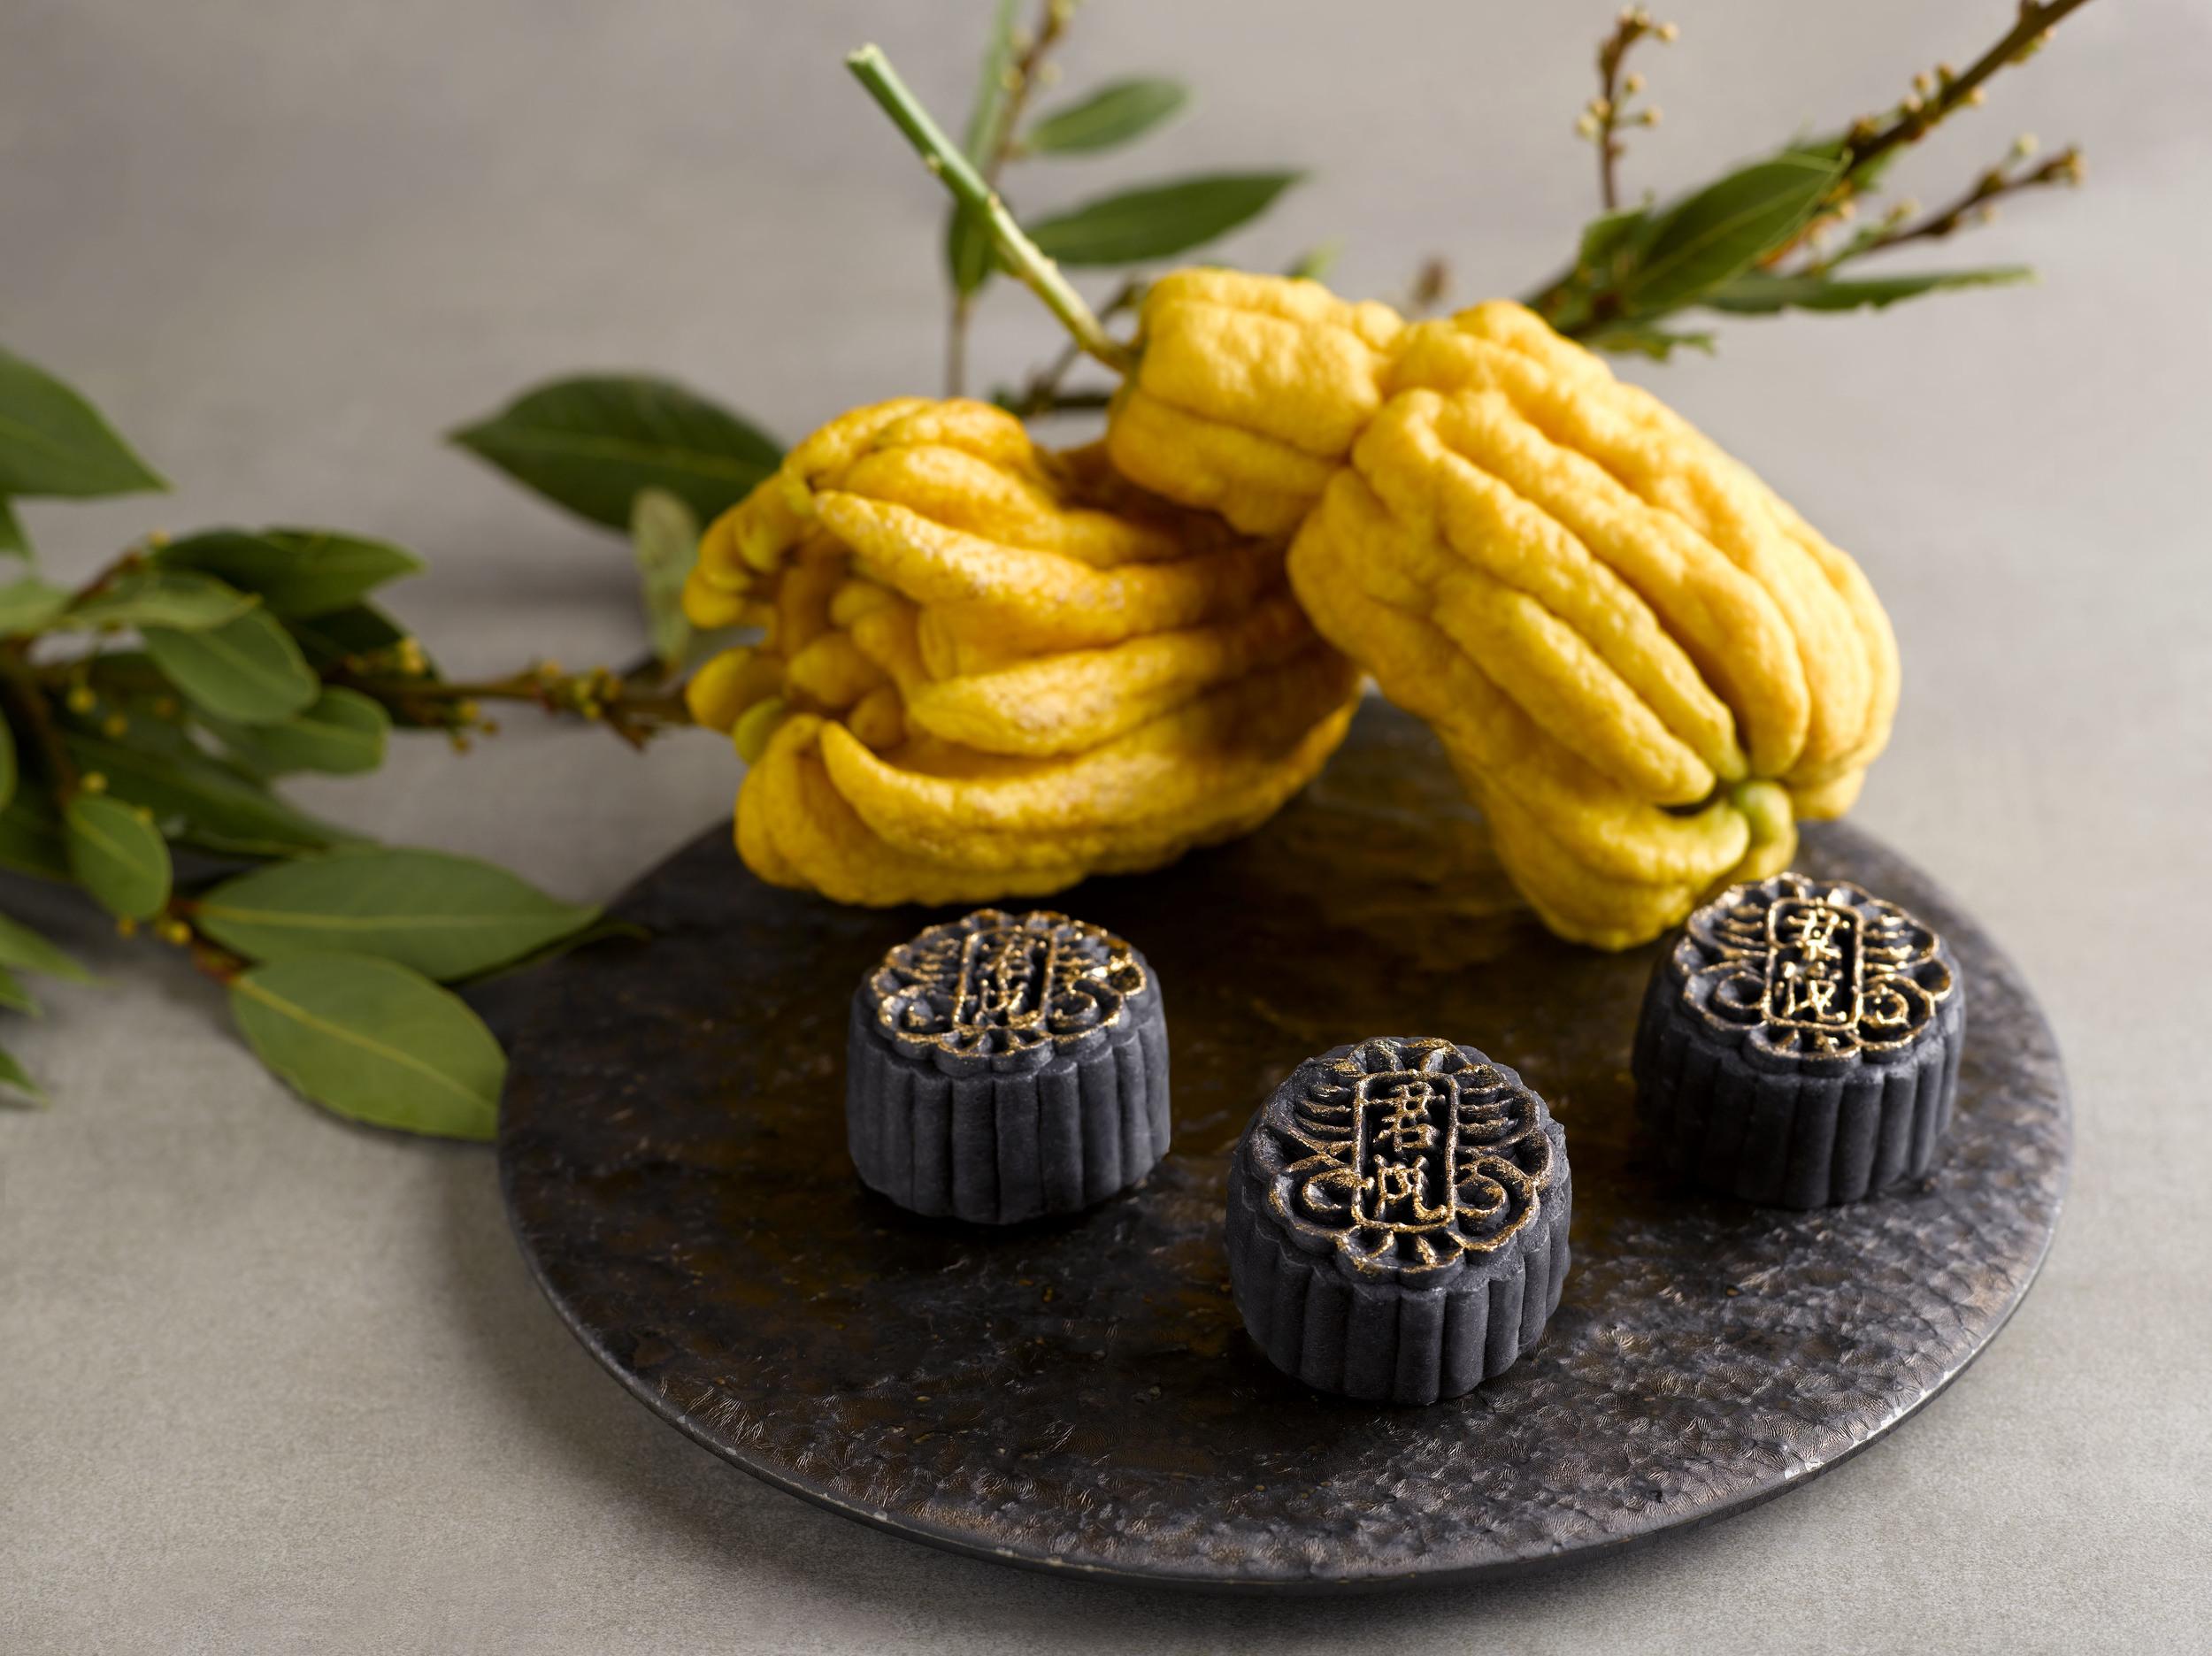 Black Sesame, Buddha's Hand Truffle Snowskin Mooncake | Photo Credit: Grand Hyatt Singapore